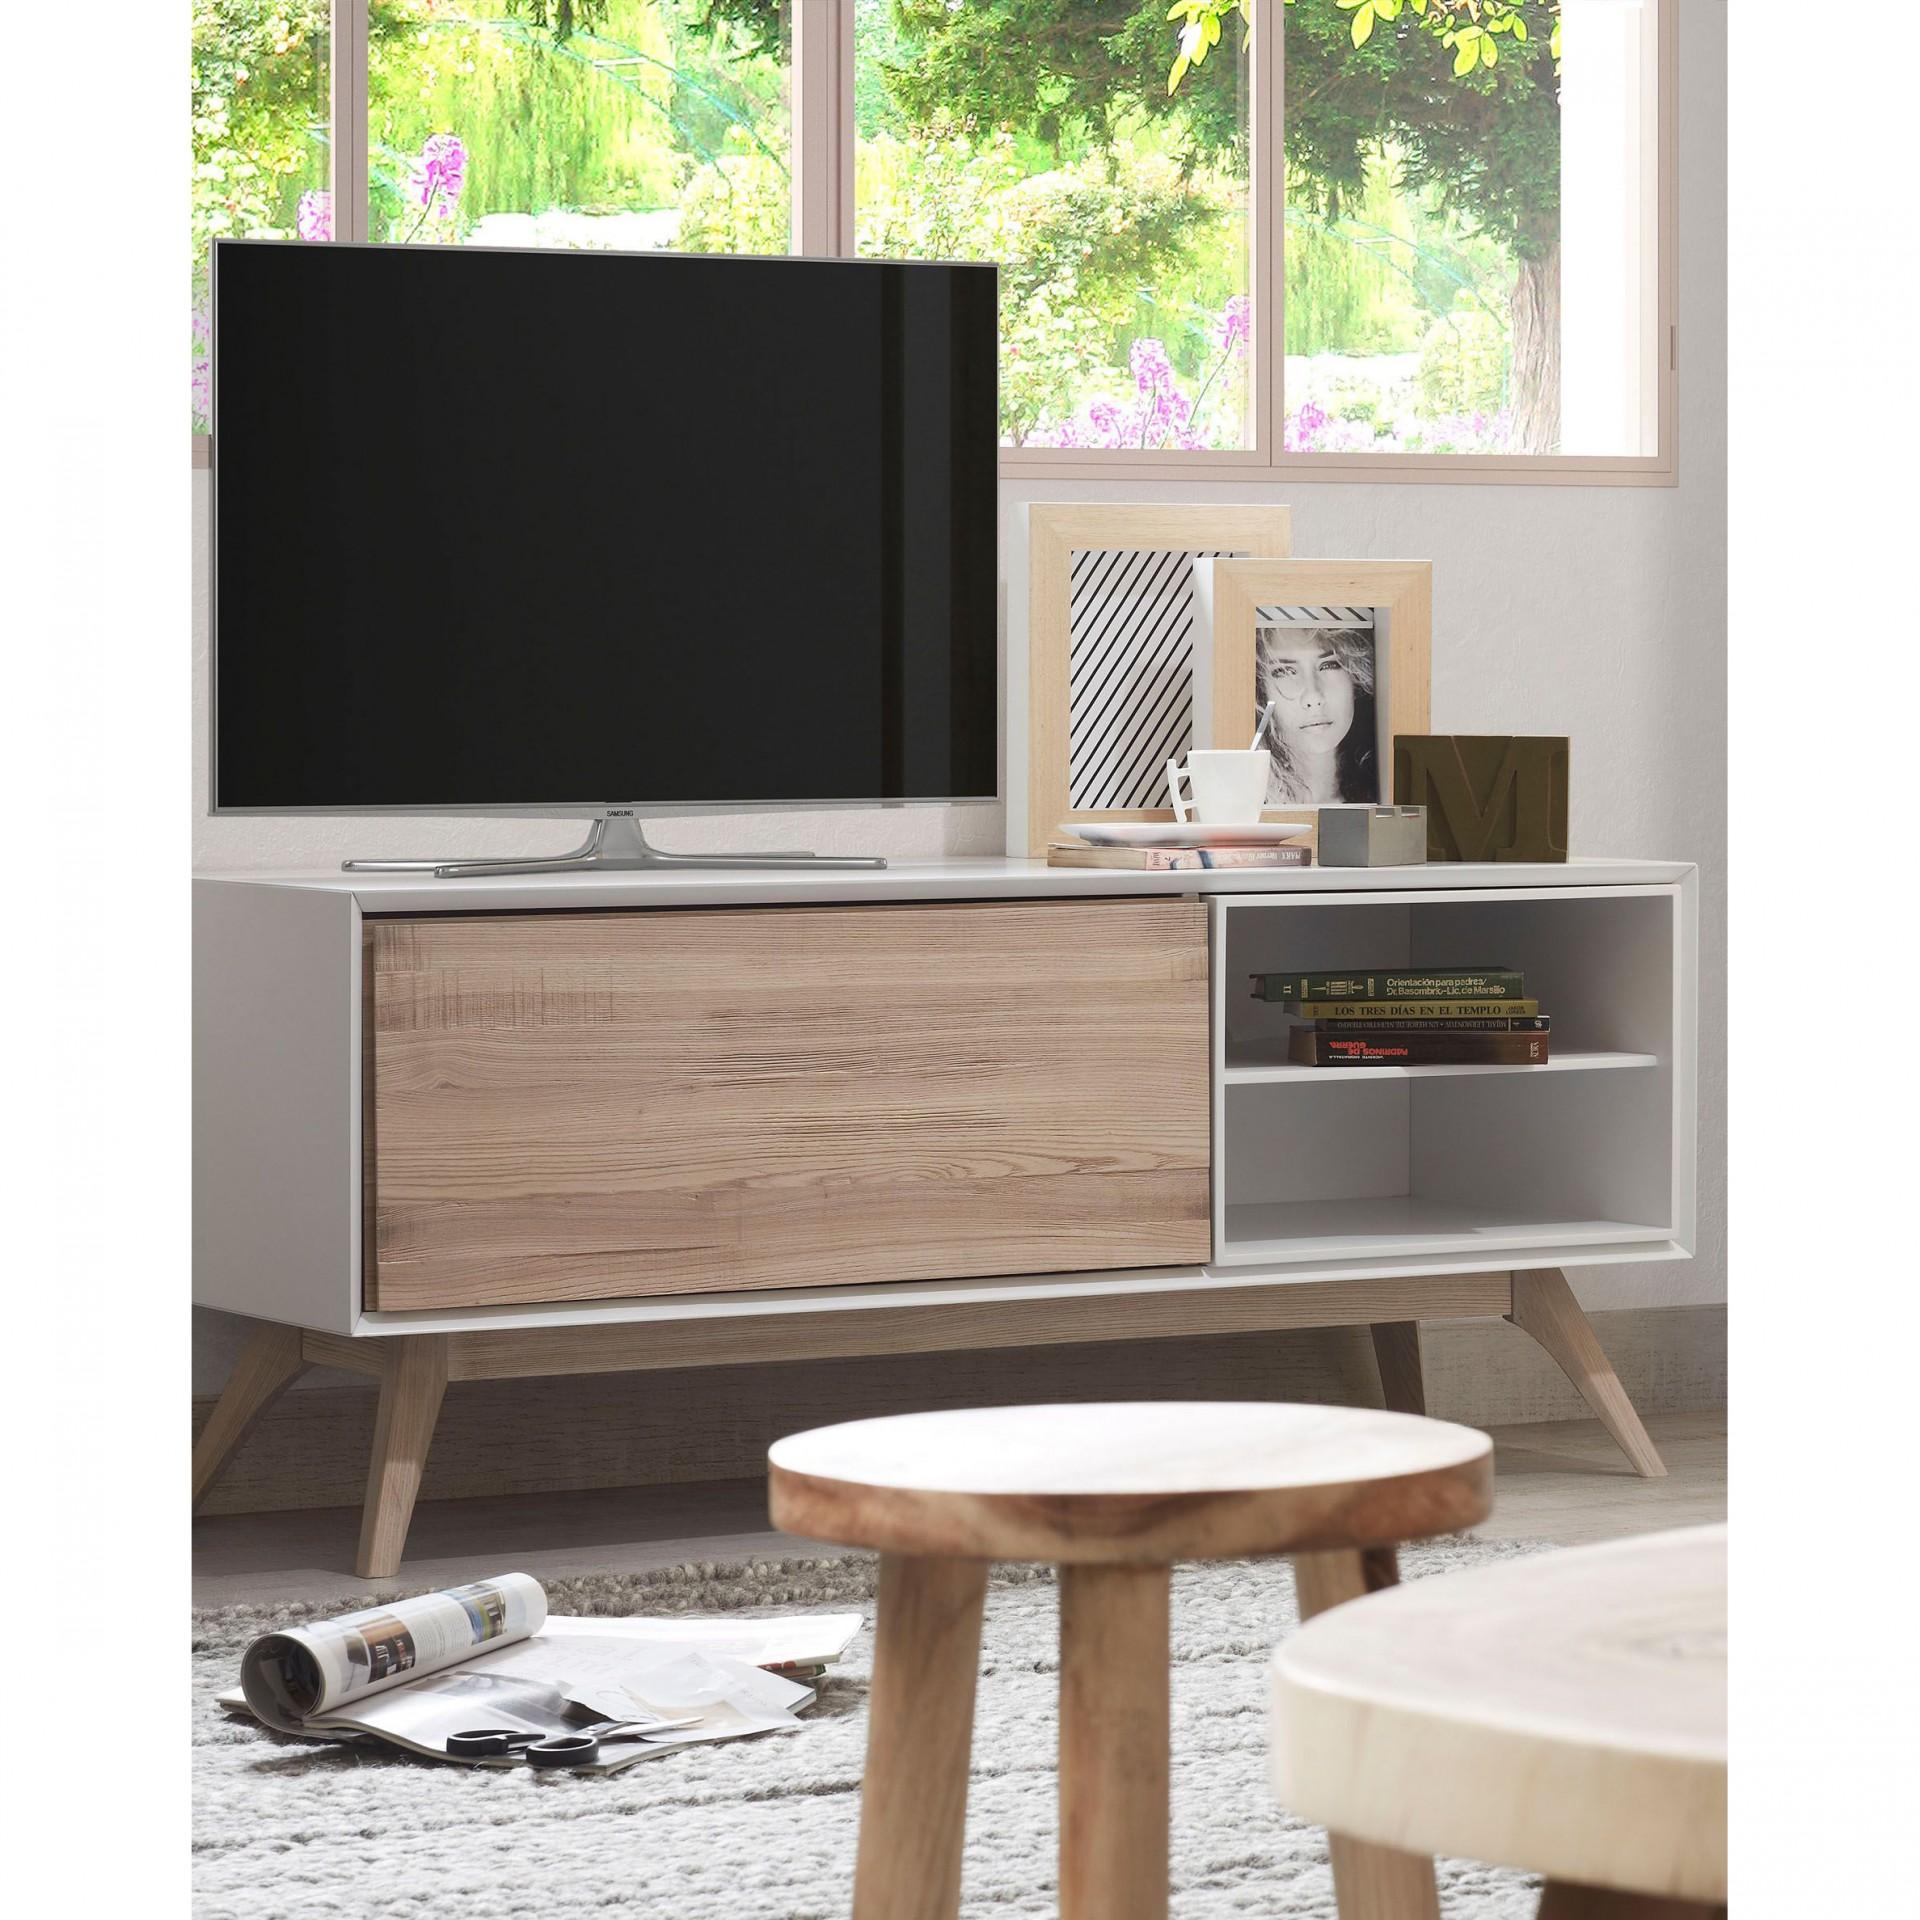 Móvel TV Emmi, madeira de freixo/MDF lacado, 134x56